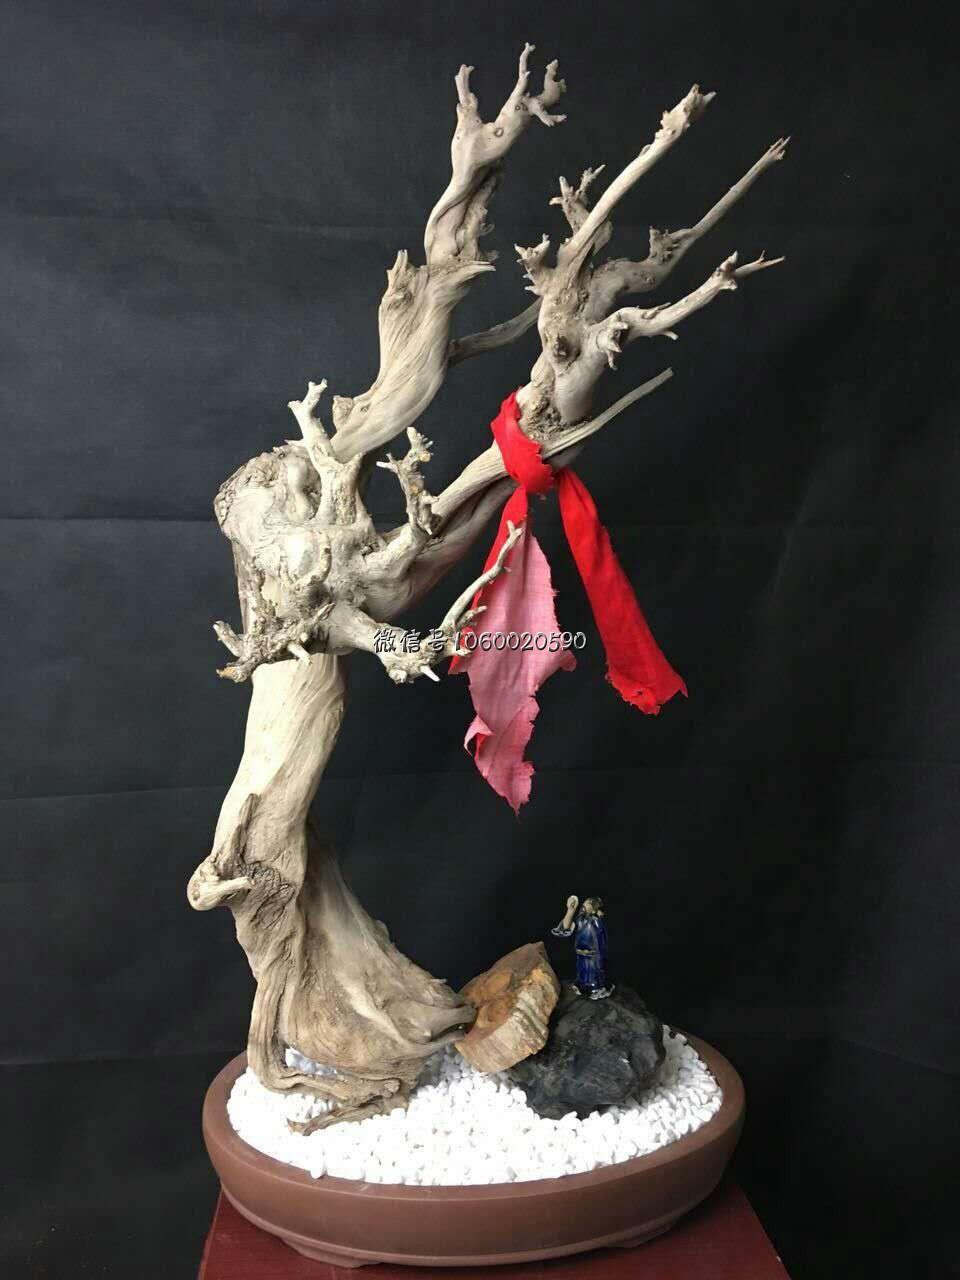 太行骨料梅花枝,完整一棵崖柏小树,收藏级